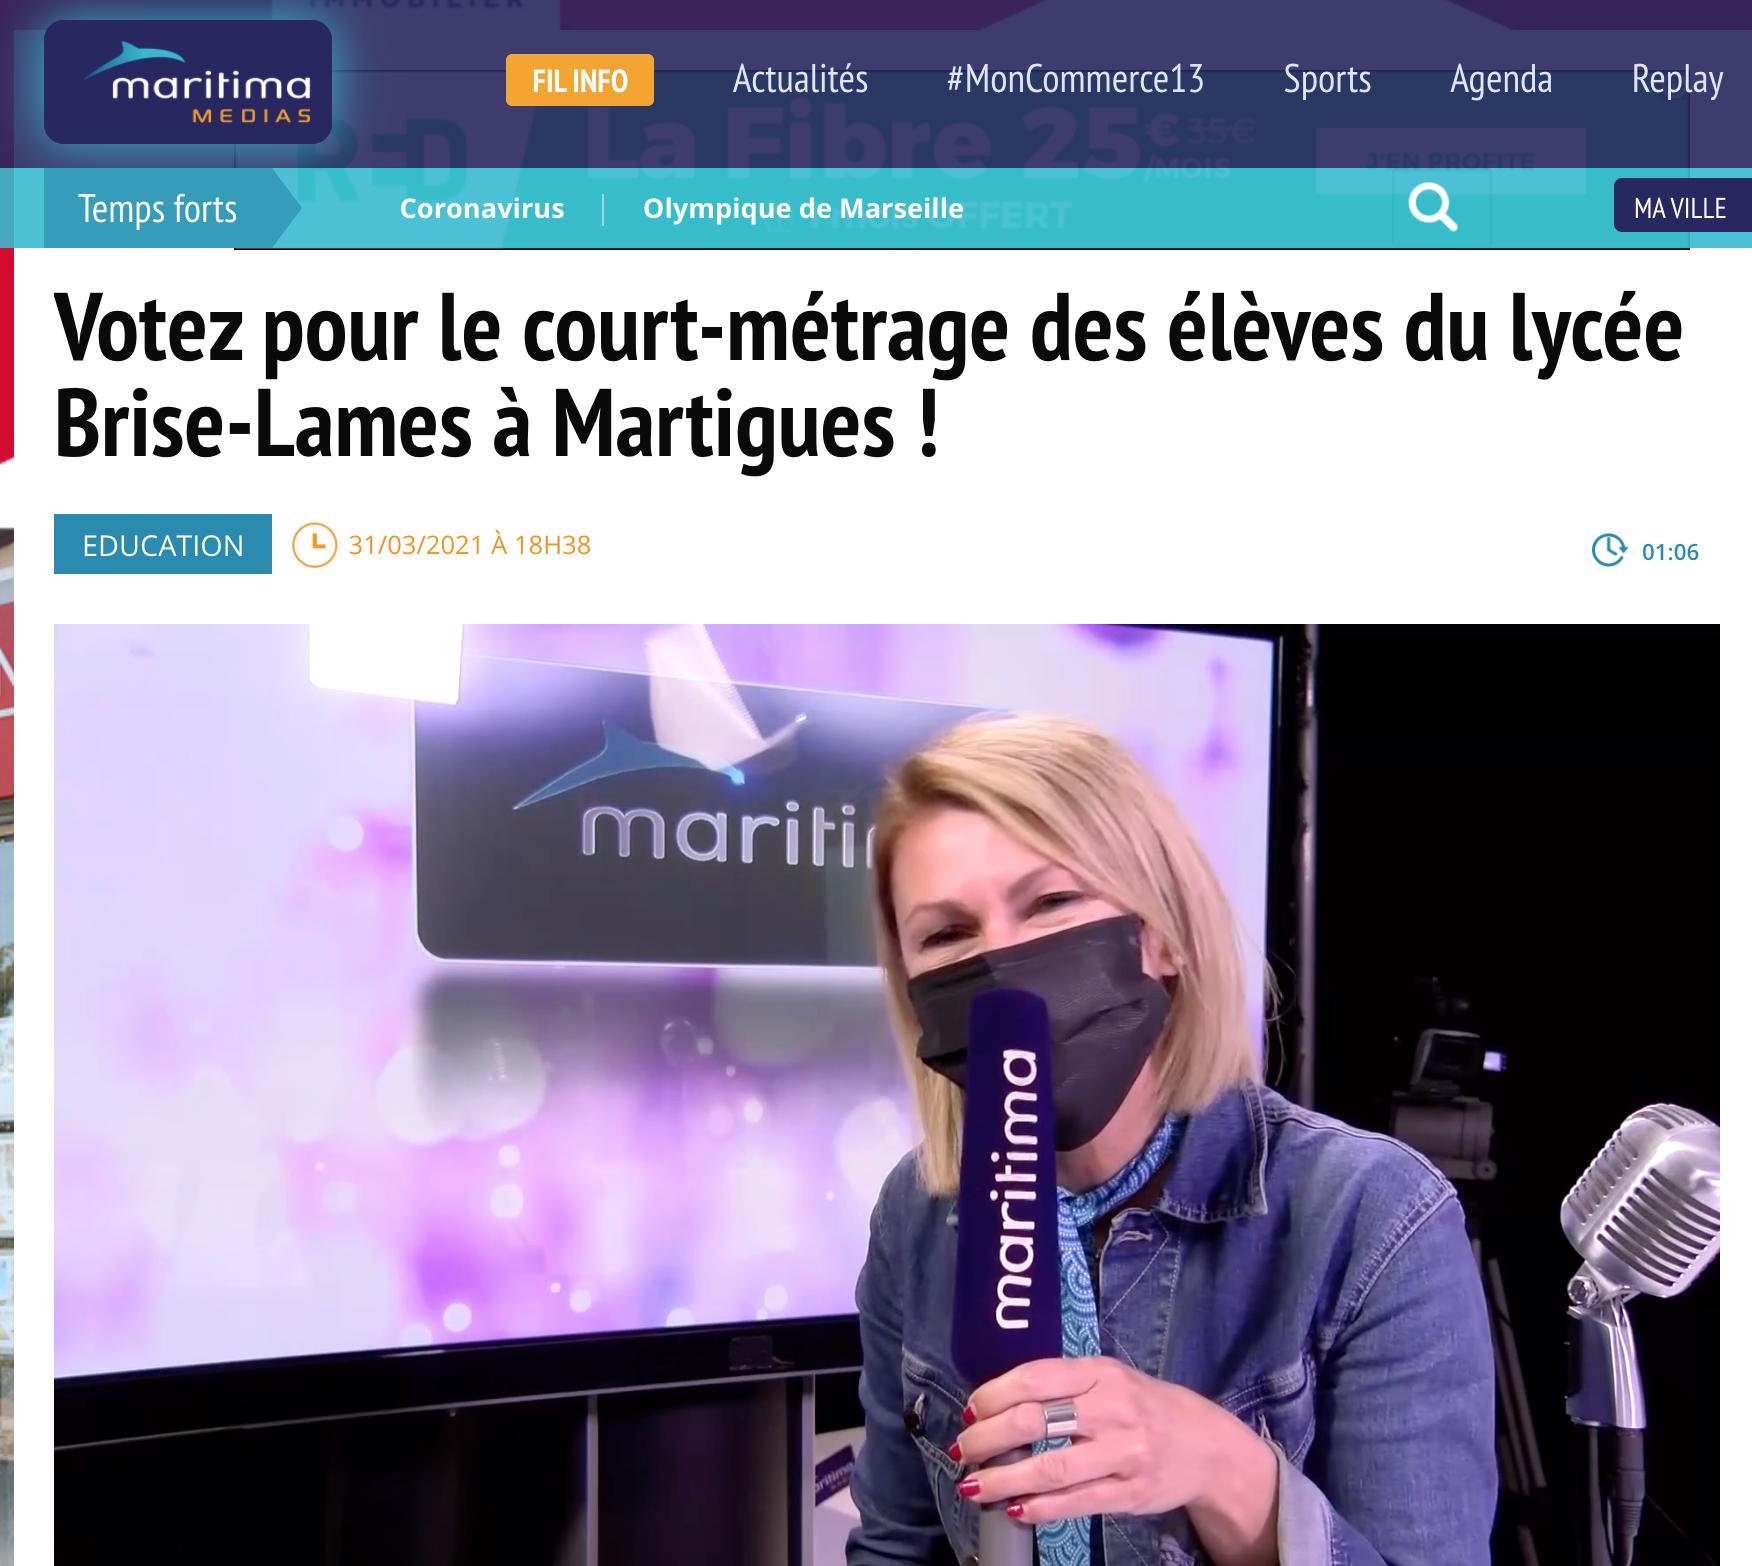 Votez pour le court-métrage des élèves du lycée Brise-Lames à Martigues !